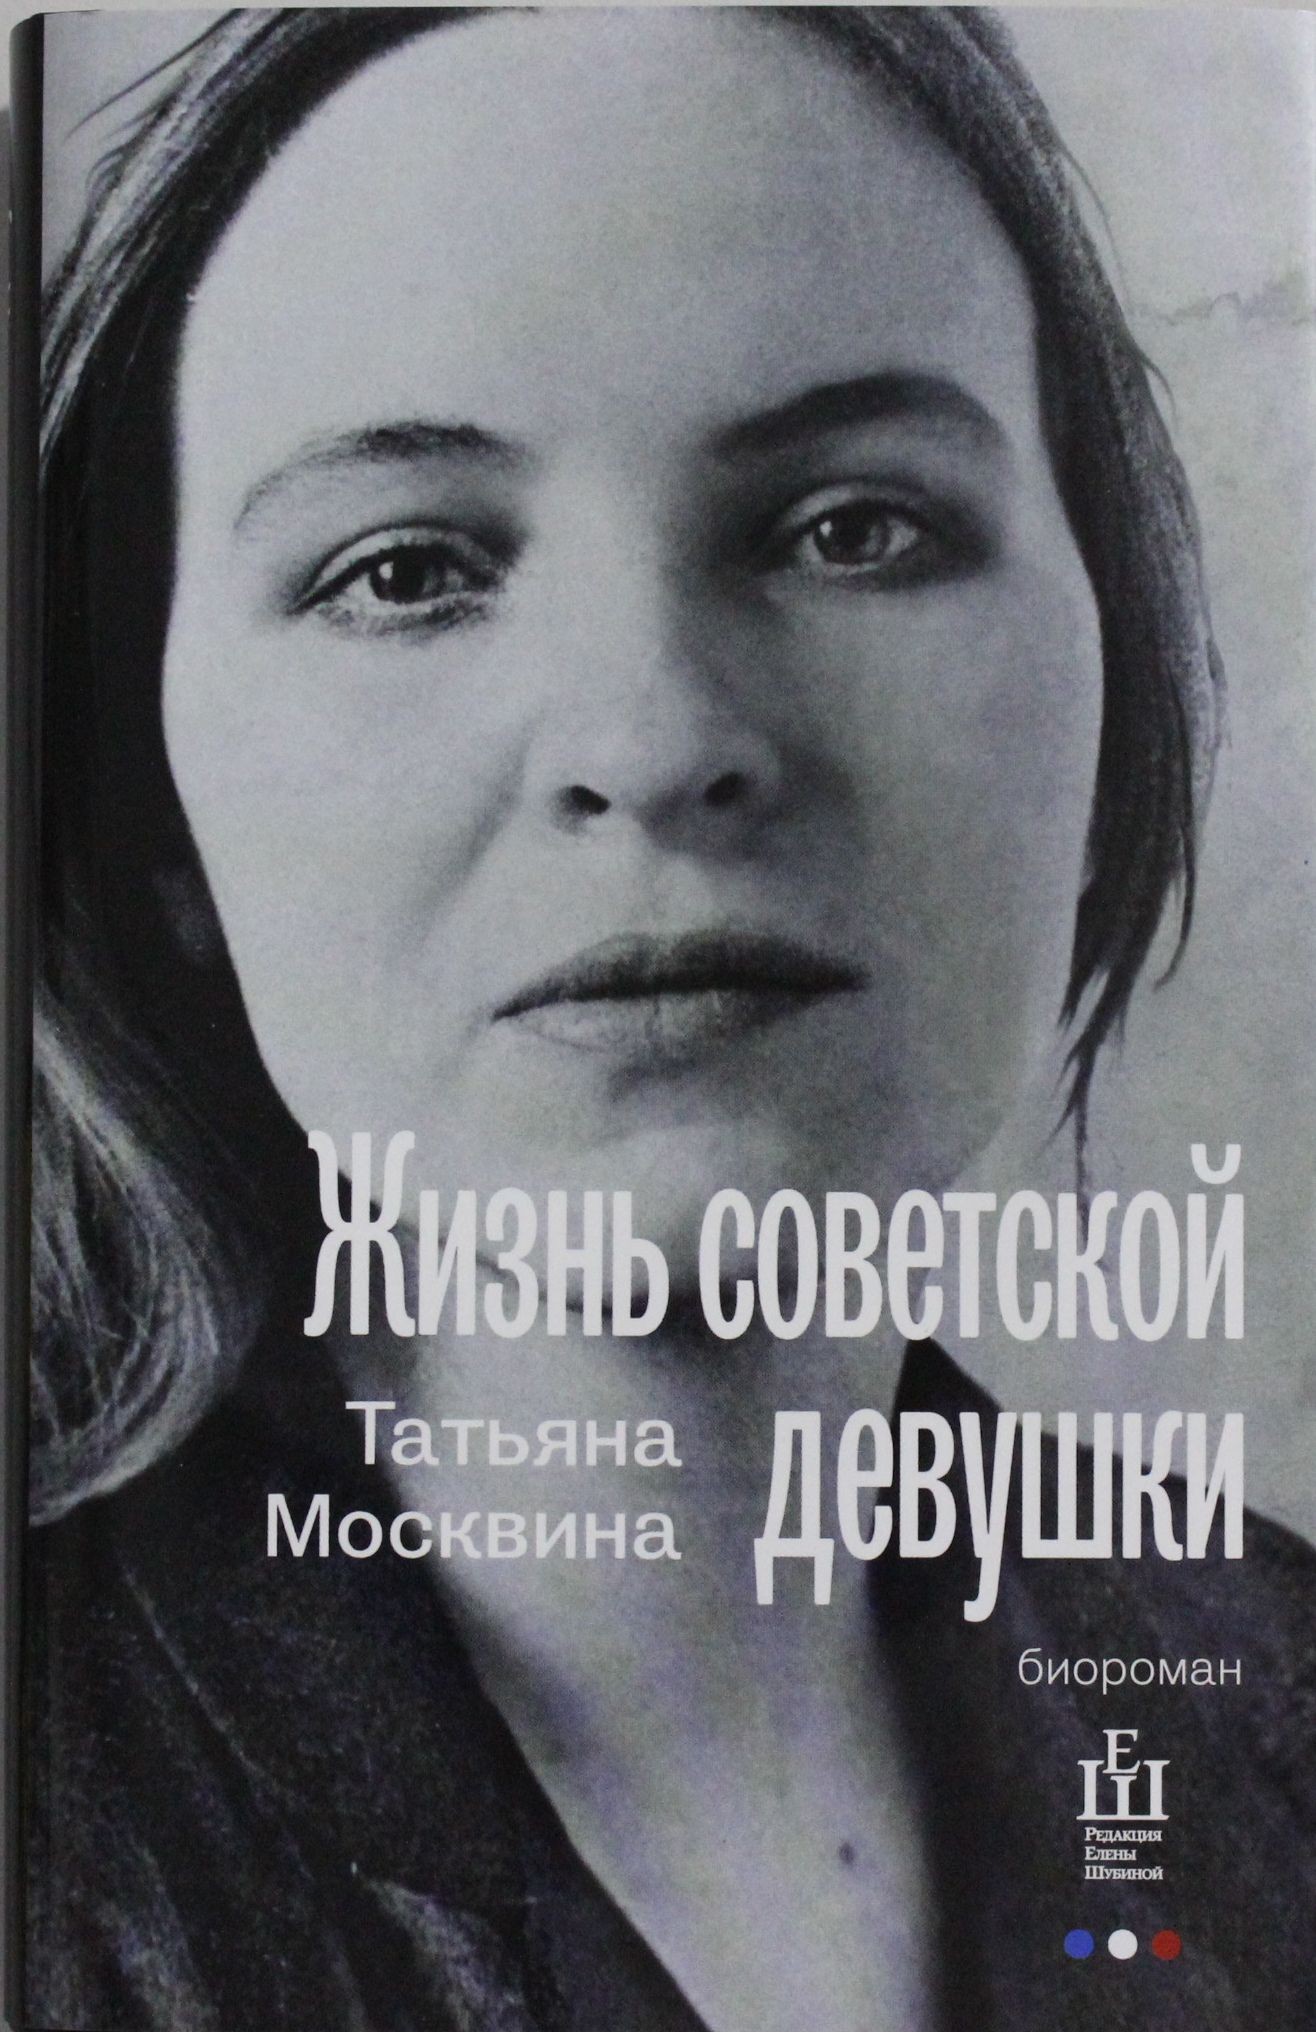 Zhizn sovetskoj devushki